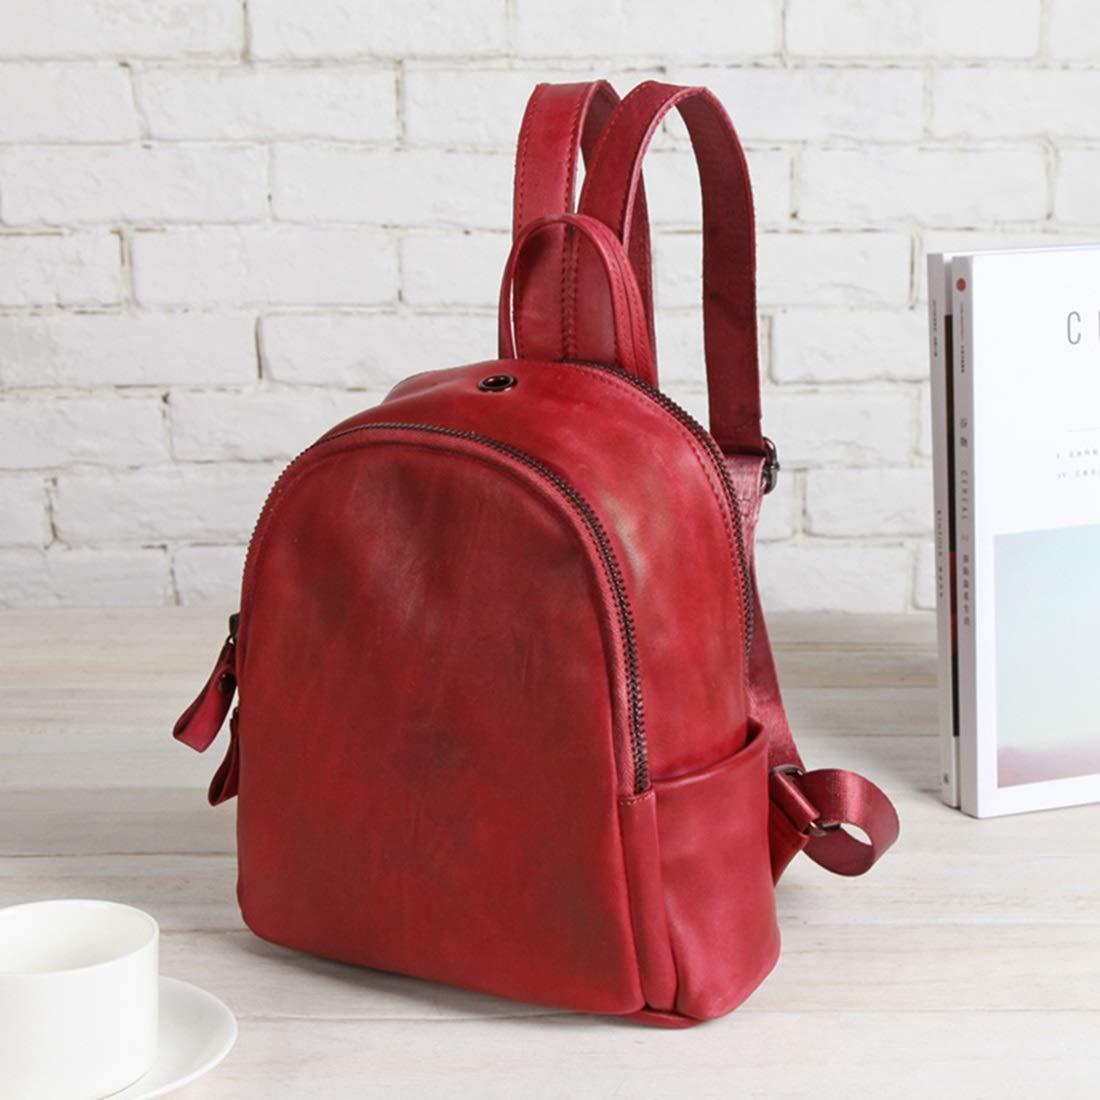 商丘市梁园区高贝服装店 女性のための本物の革のショルダーバッグ女の子のジッパーバックパックの学校のバッグ (色 : レッド)  レッド B07R8J6LVM